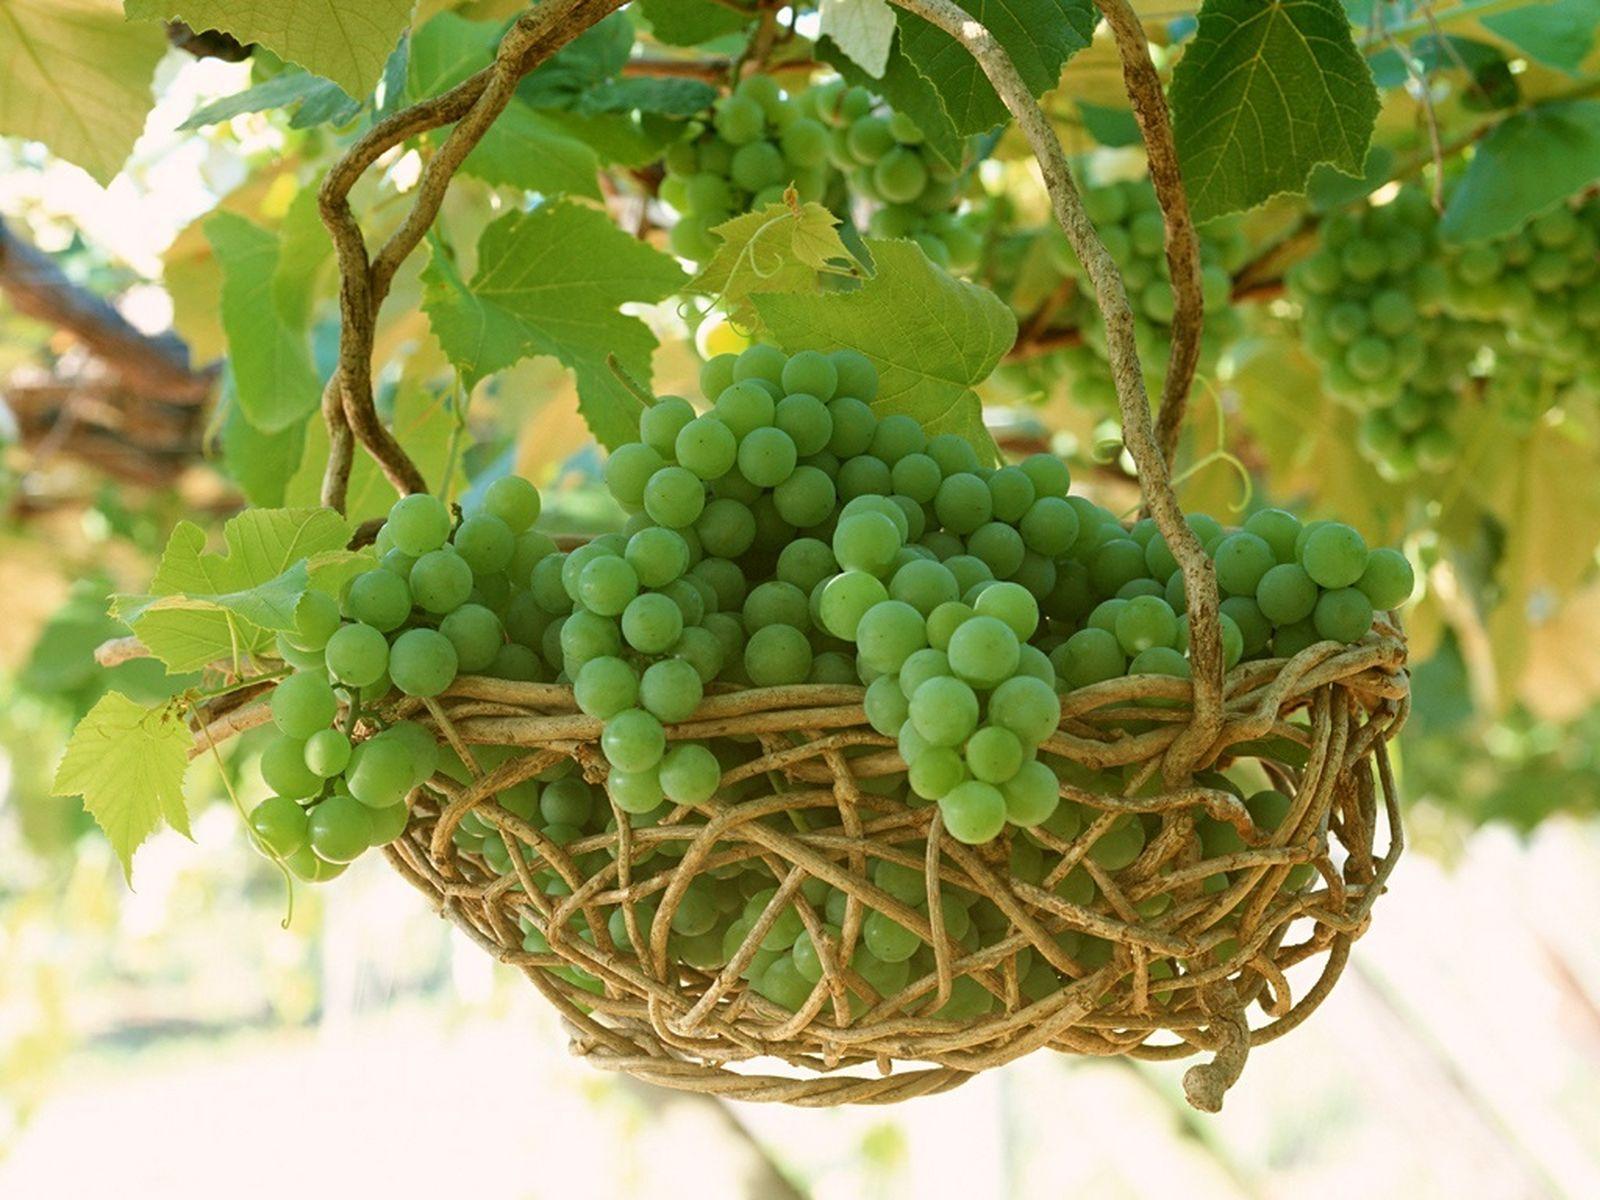 http://2.bp.blogspot.com/-QjQ3v9s-0oE/T7j7i_bbmcI/AAAAAAAAJVM/1Xu61rWMa38/s1600/Fruits_Wallpapers__09.jpg